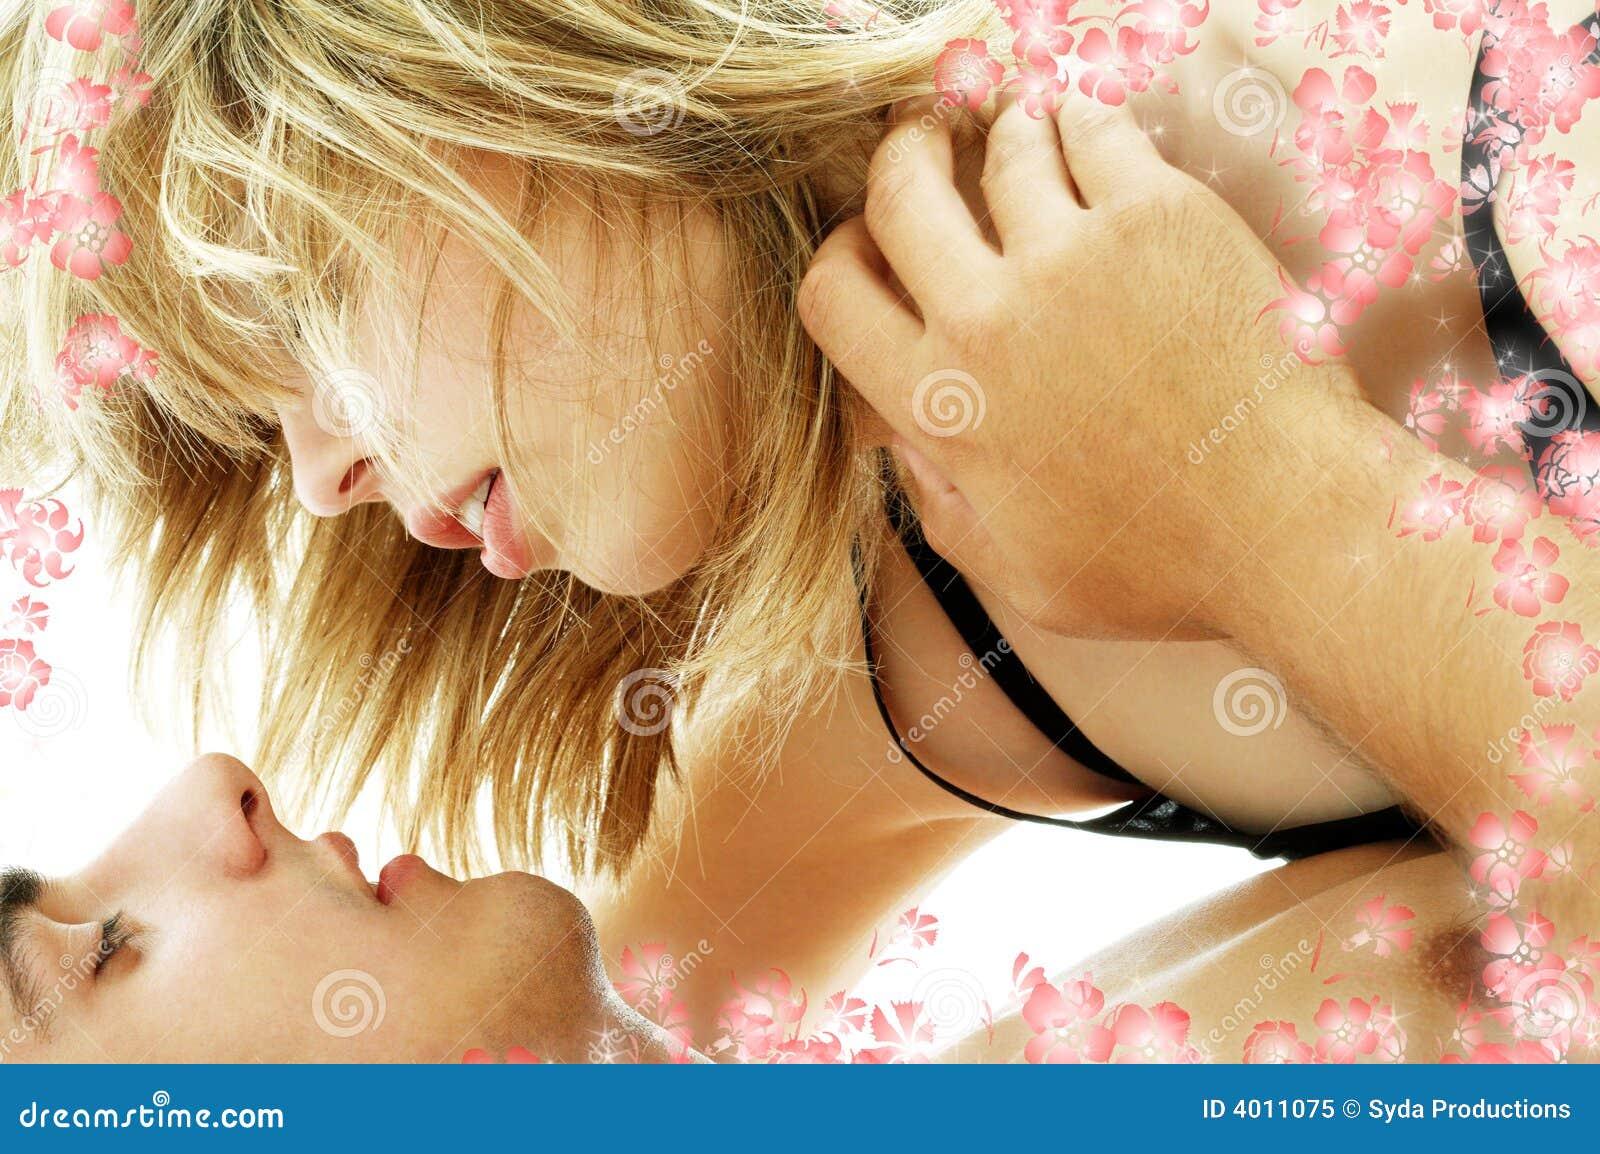 性交囹o#_mr: yes pr: no 3 1616 8 3朵夫妇花性交前的爱抚